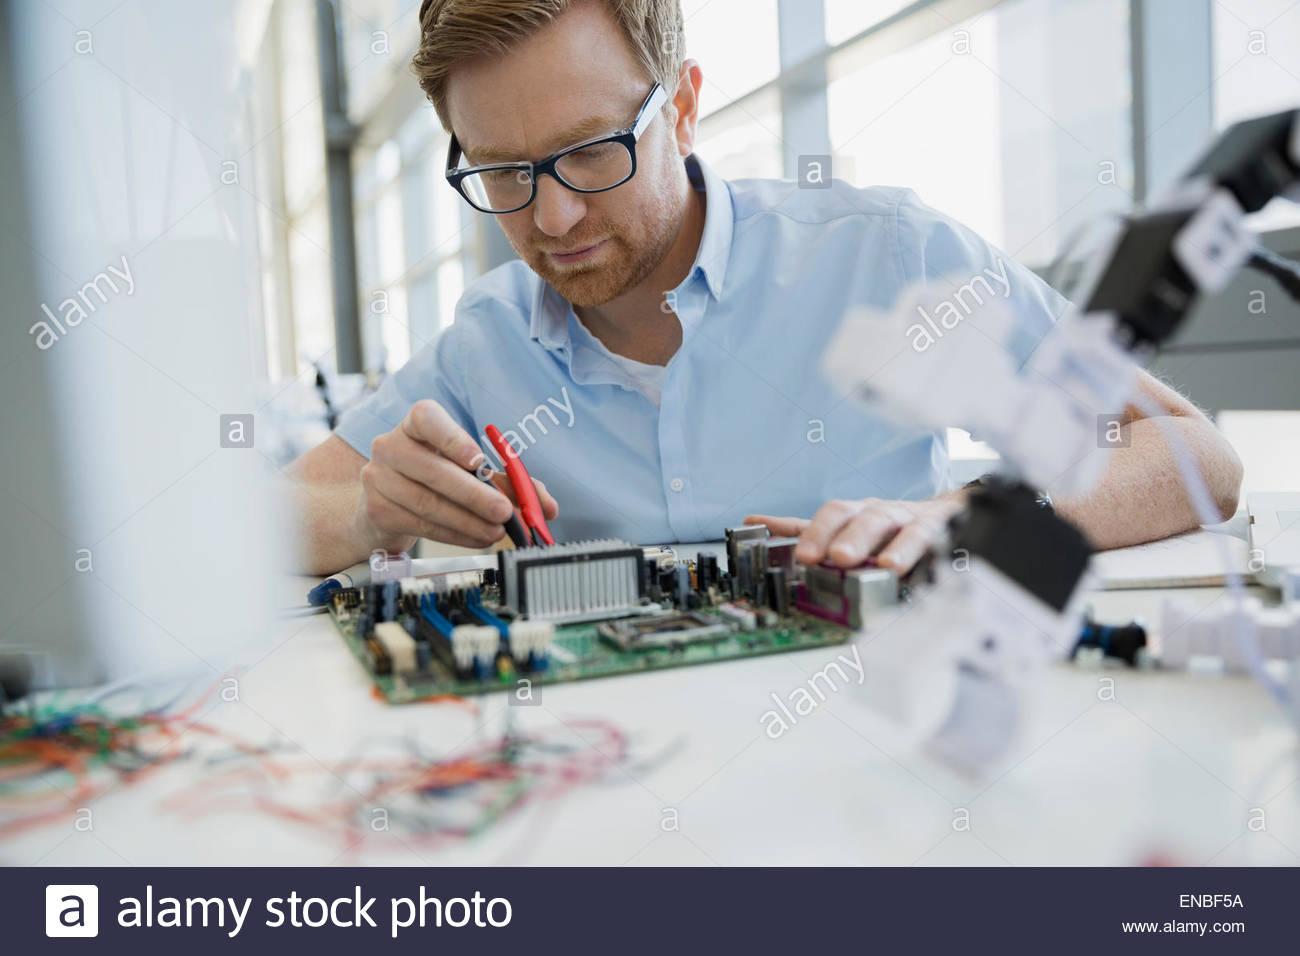 Ernst Ingenieur Montage der Platine in der Nähe von Robotik Stockbild